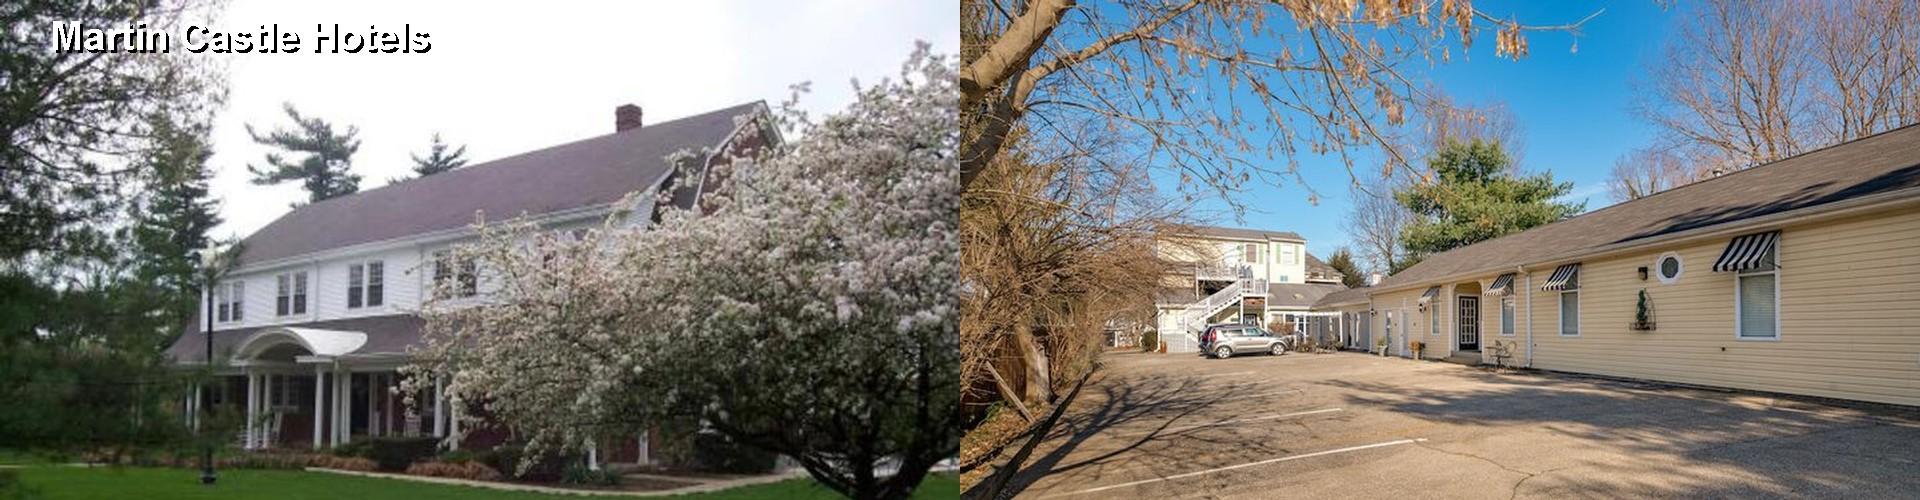 53 Hotels Near Martin Castle In Lexington Ky